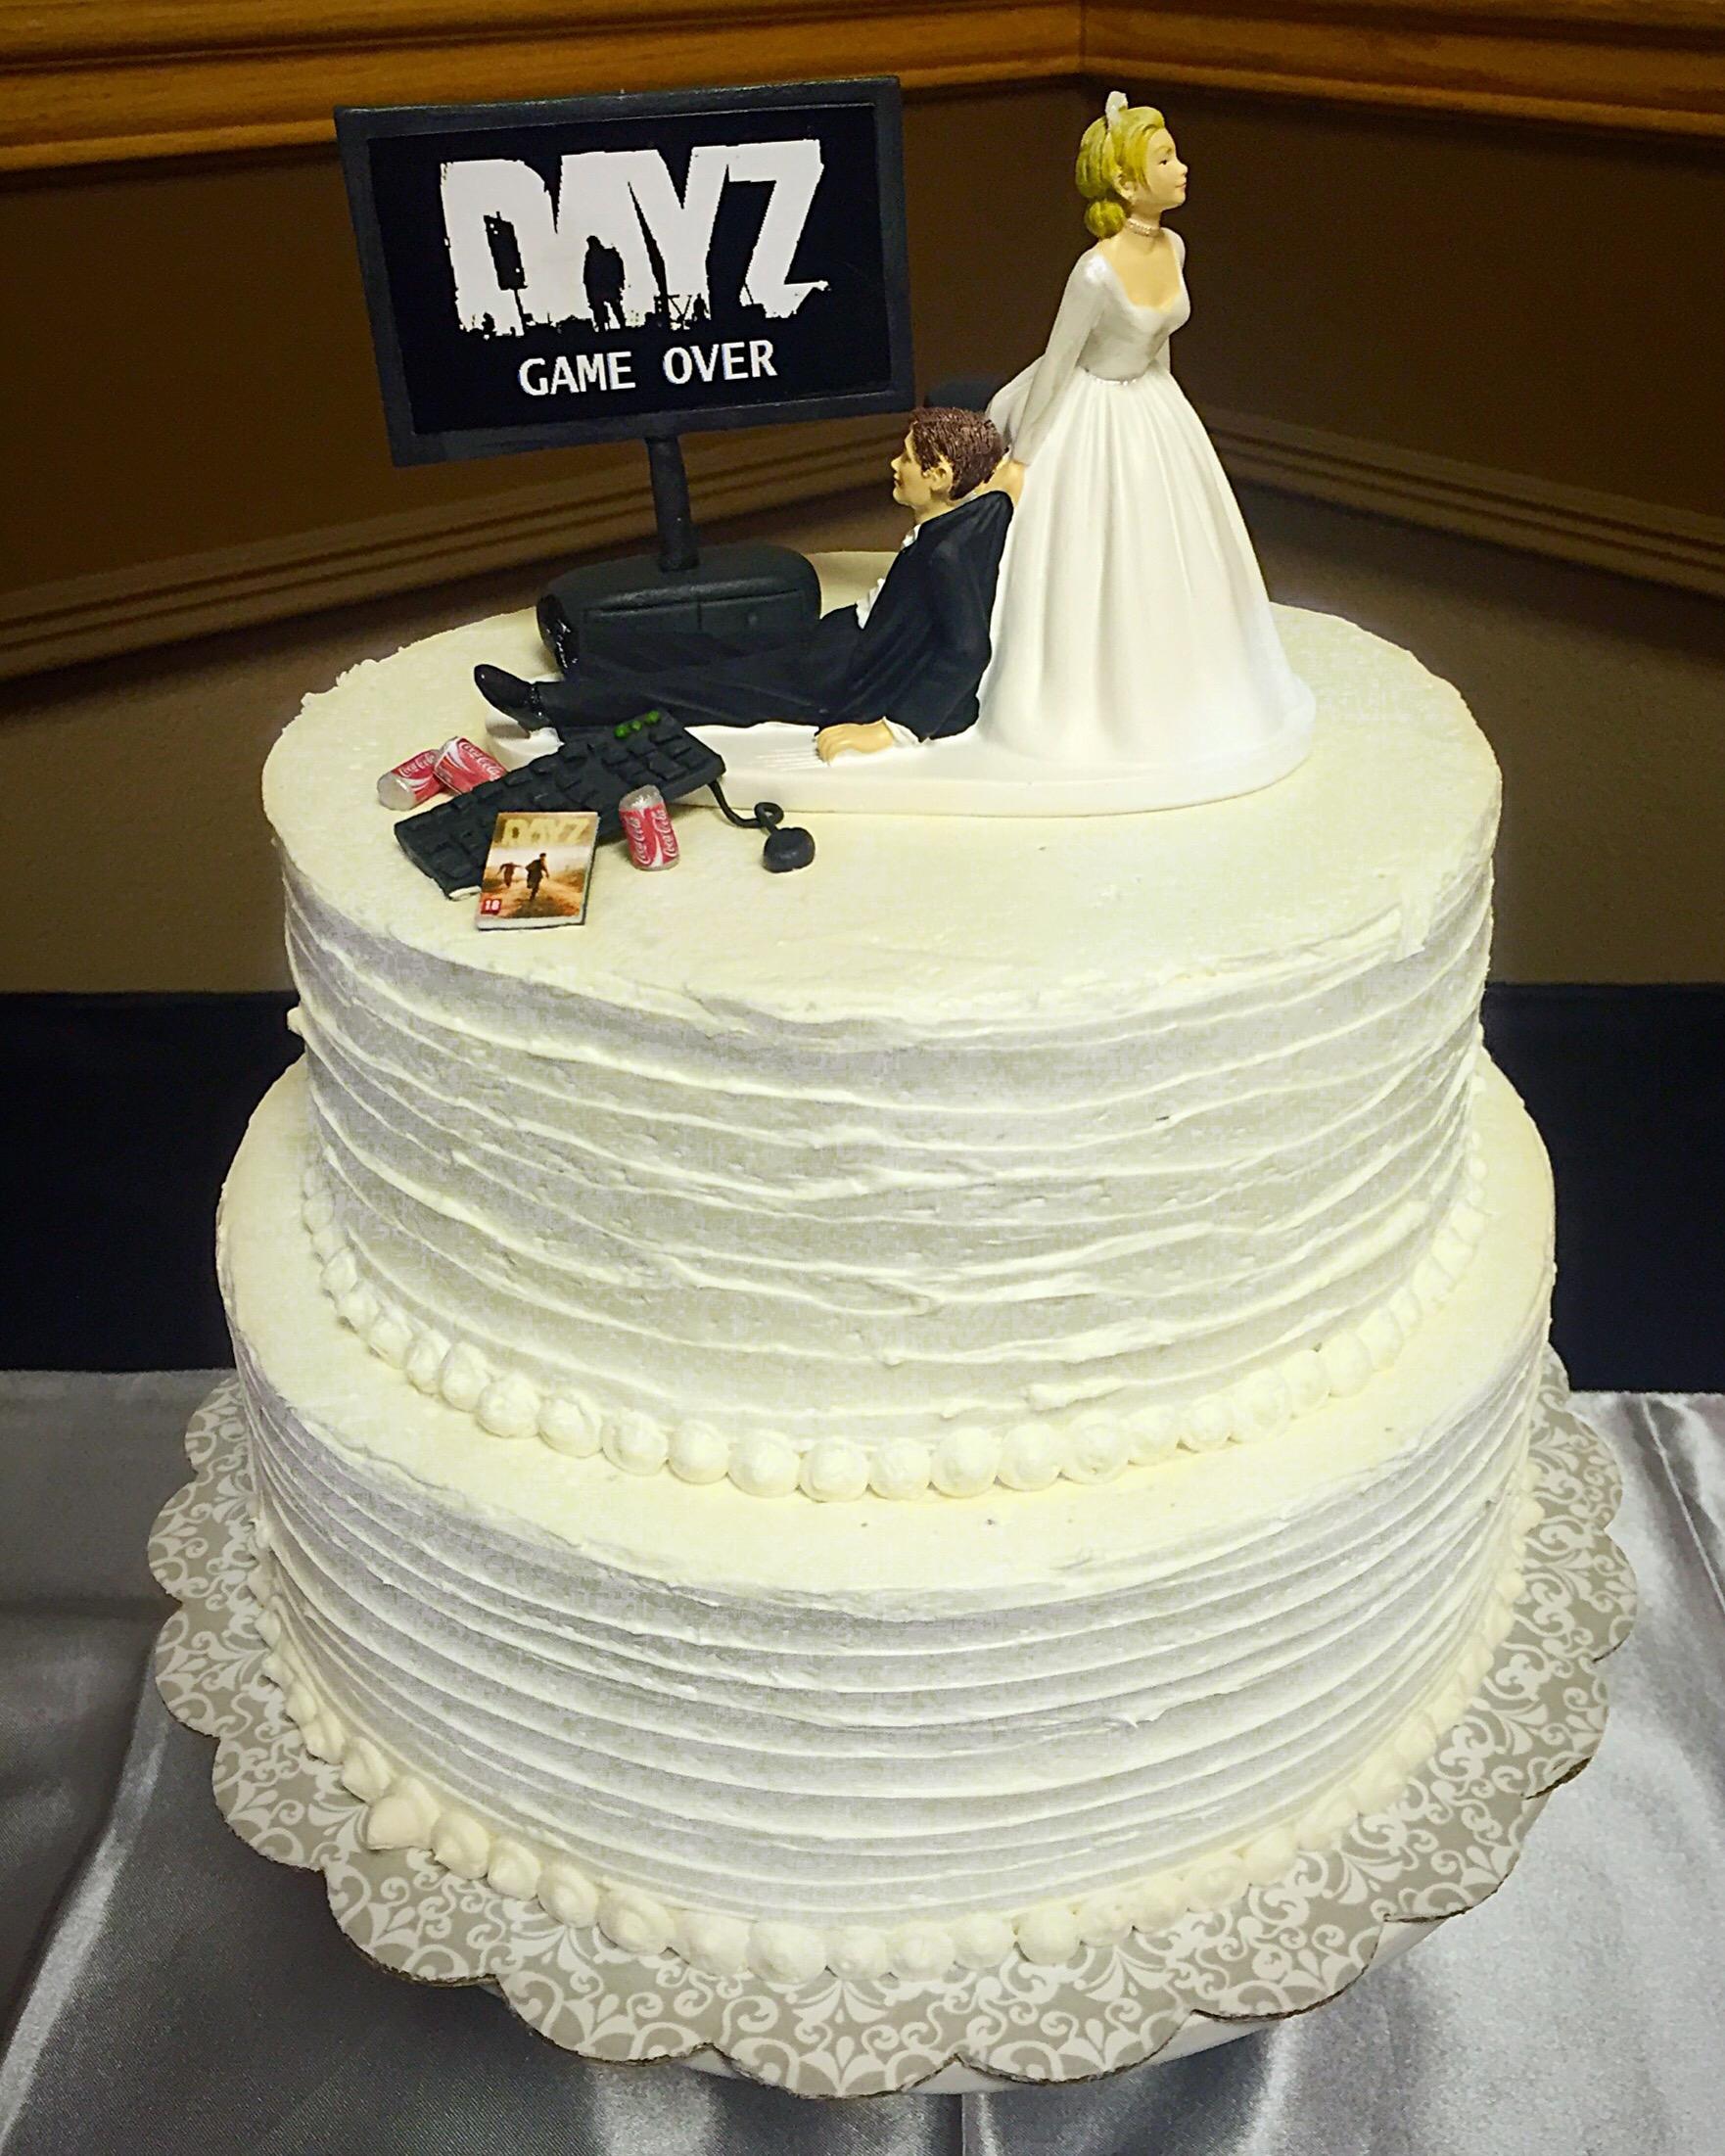 DayZ Wedding Cake